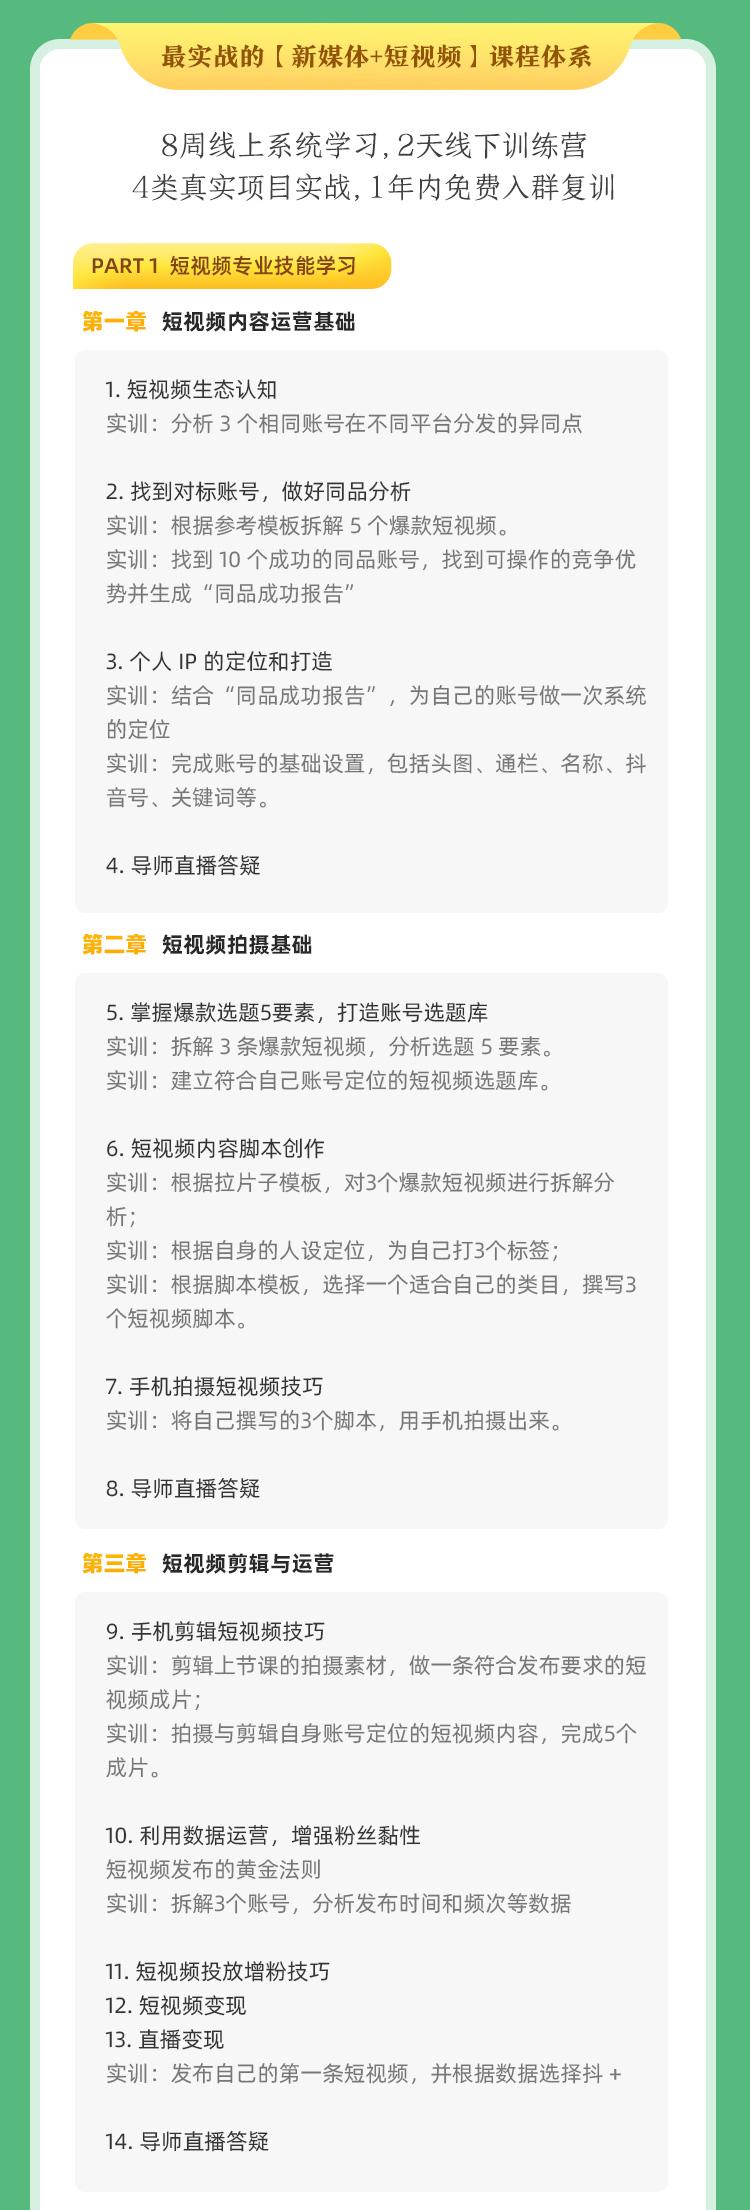 http://mtedu-img.oss-cn-beijing-internal.aliyuncs.com/ueditor/20200706121219_633147.jpg